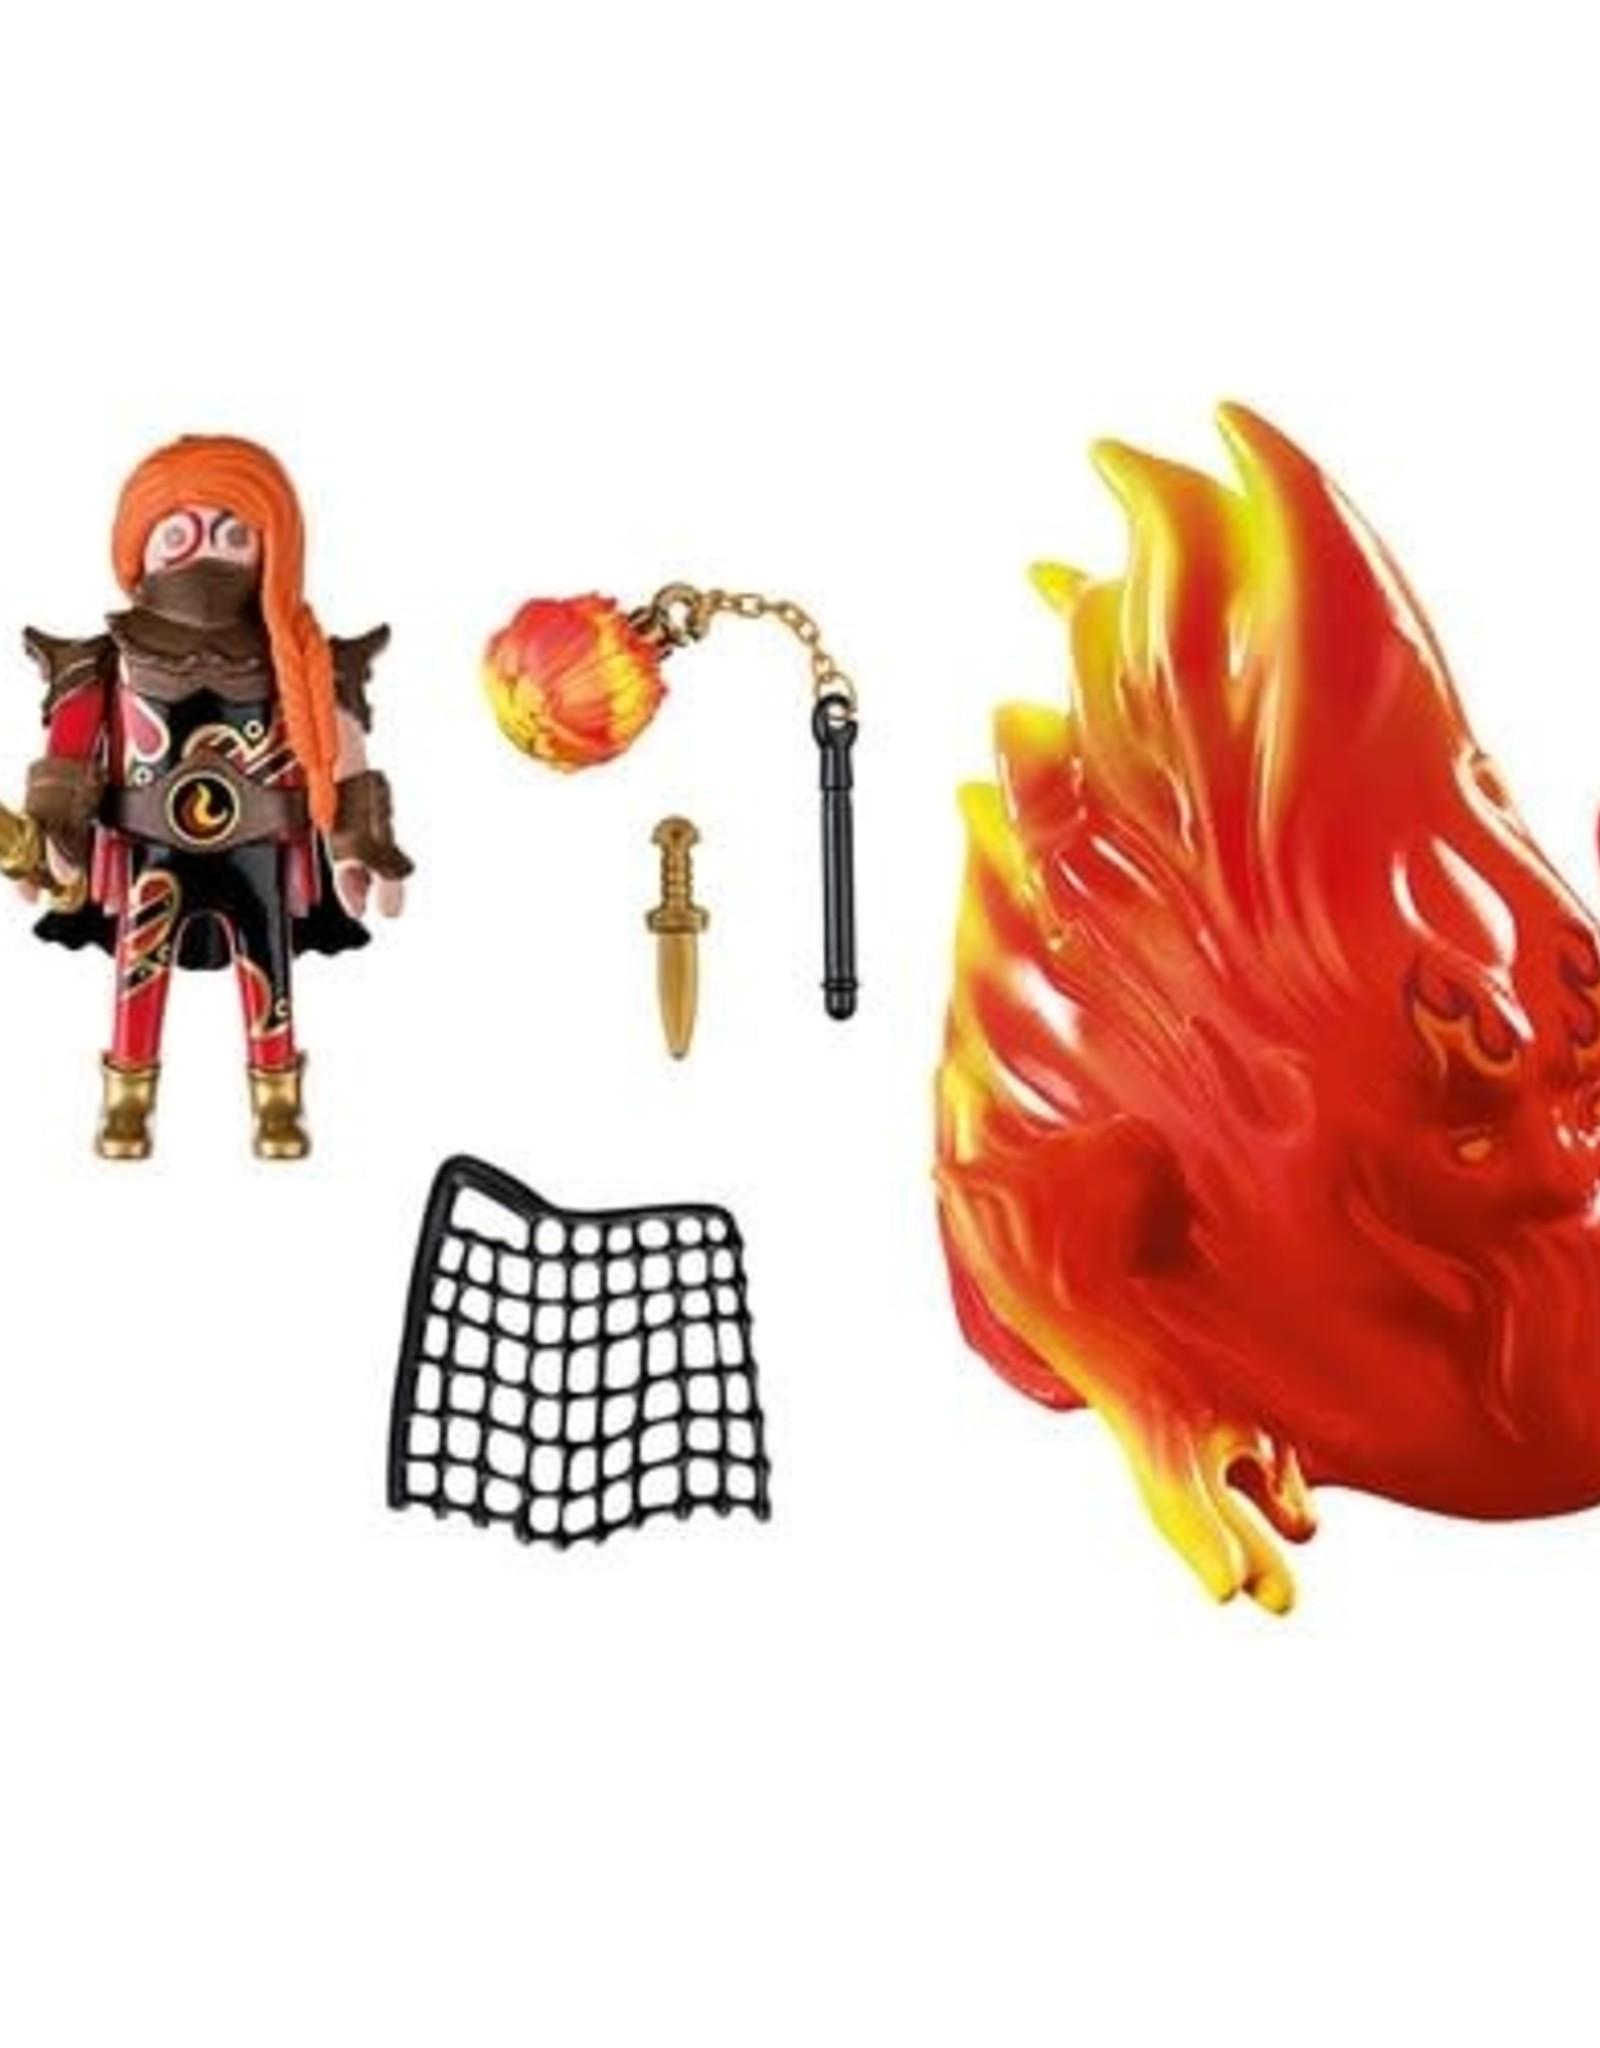 Playmobil PM Burnham Raiders Spirit of Fire